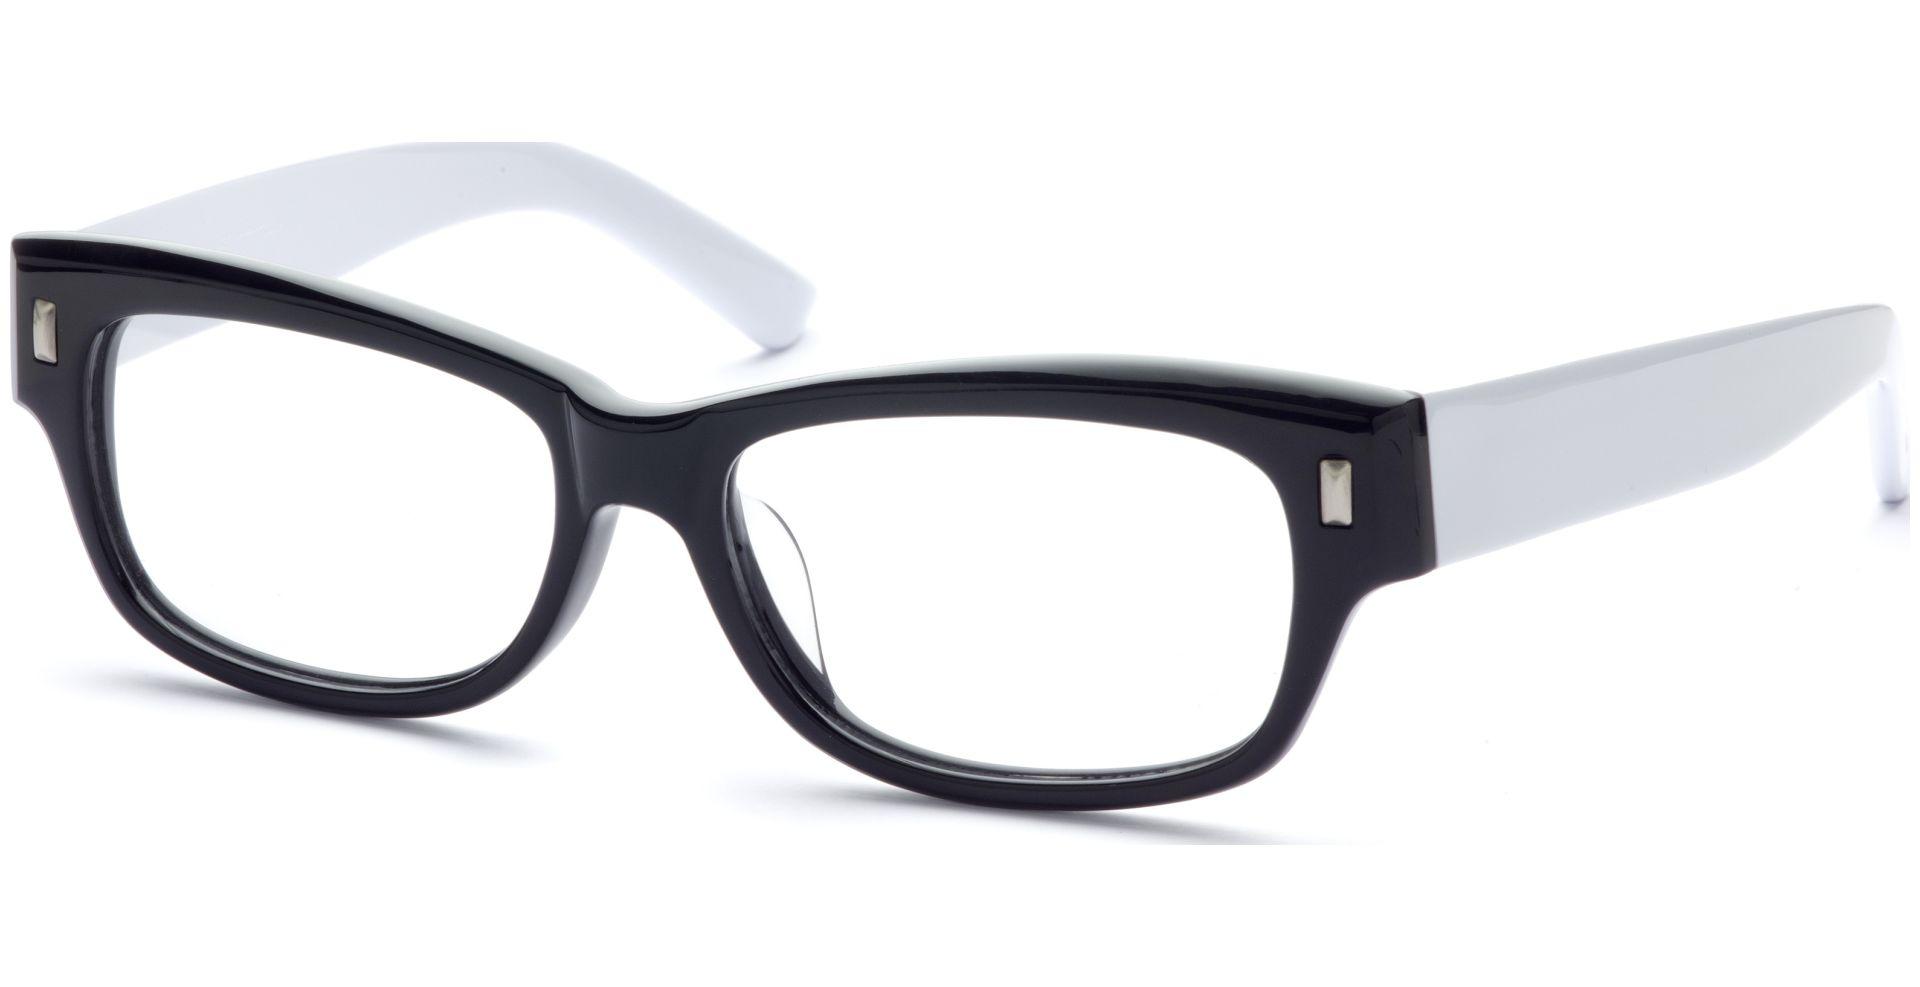 Lennox Eyewear - Mamadou 5316 schwarz/weiß - von Lensbest